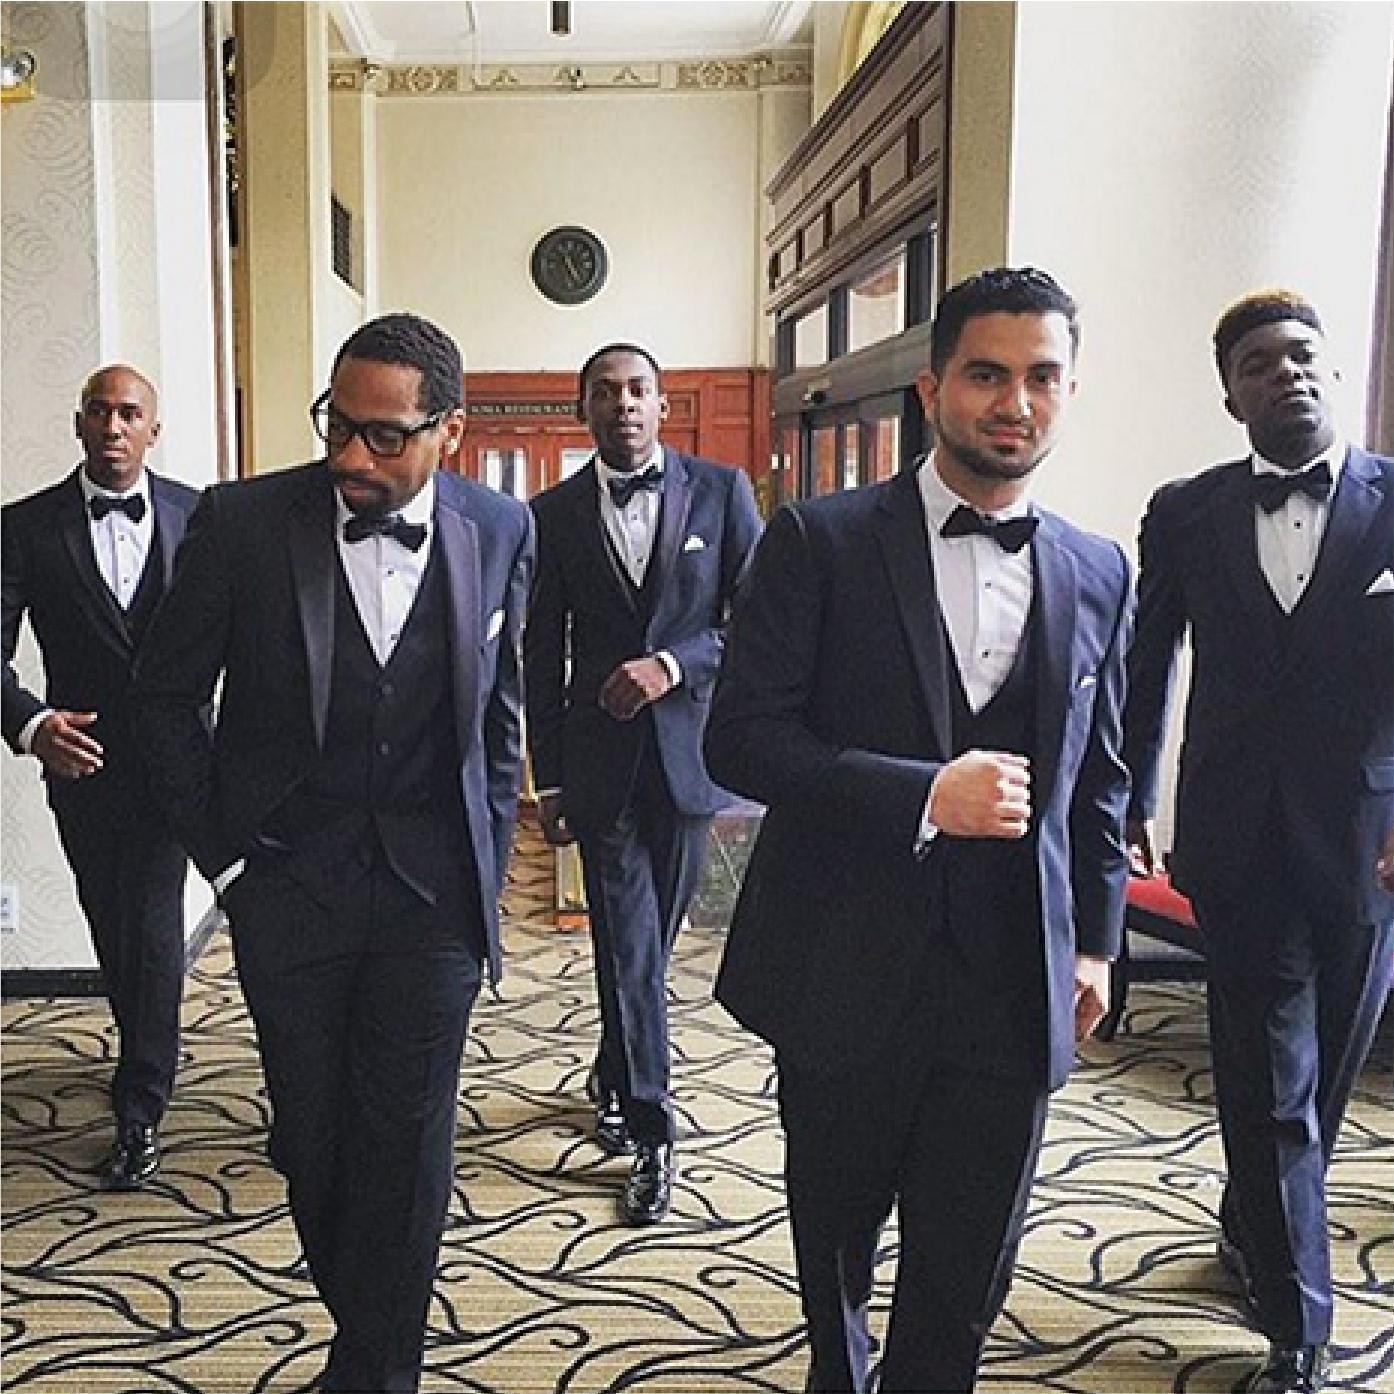 Groomsmen walking cool down a hallway in black suits.